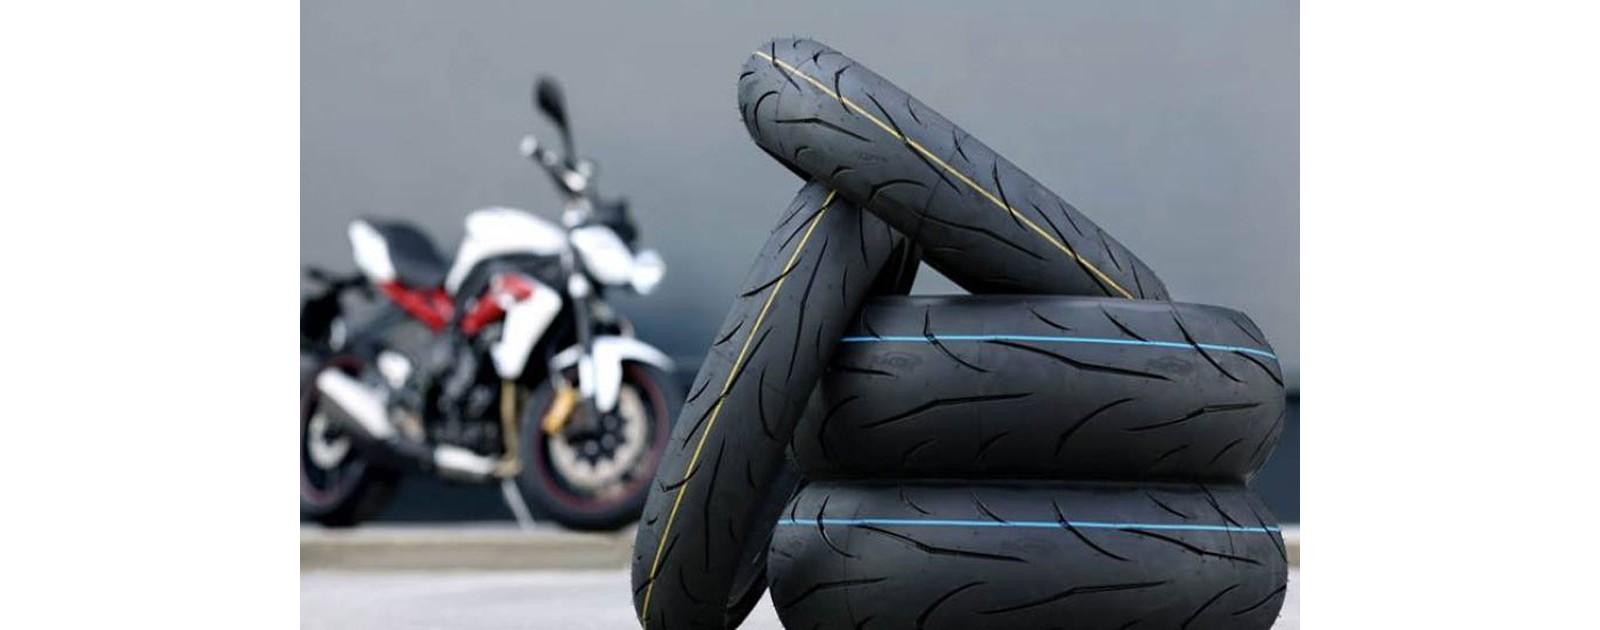 Выбор покрышек для мото и вело техники